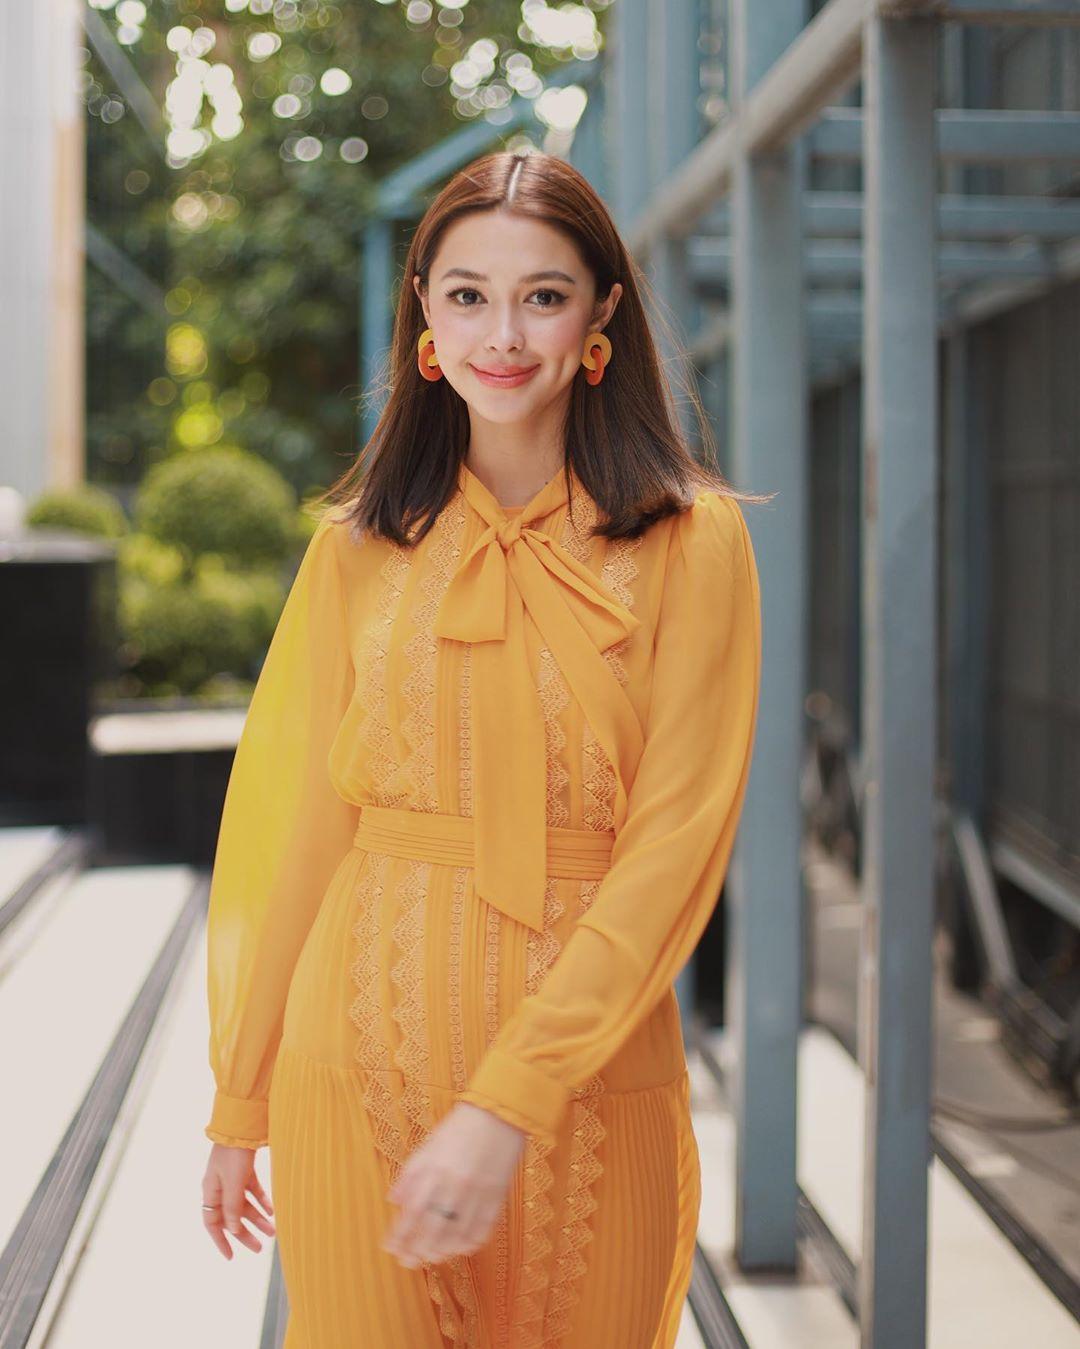 Dress code formal - đầm voan tay dài màu vàng mù tạt